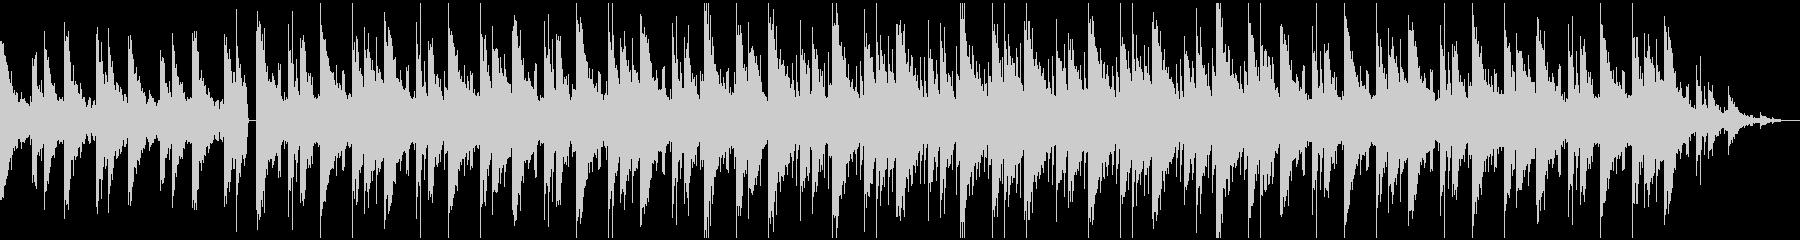 チルアウト 切な優しいローファイBGMの未再生の波形